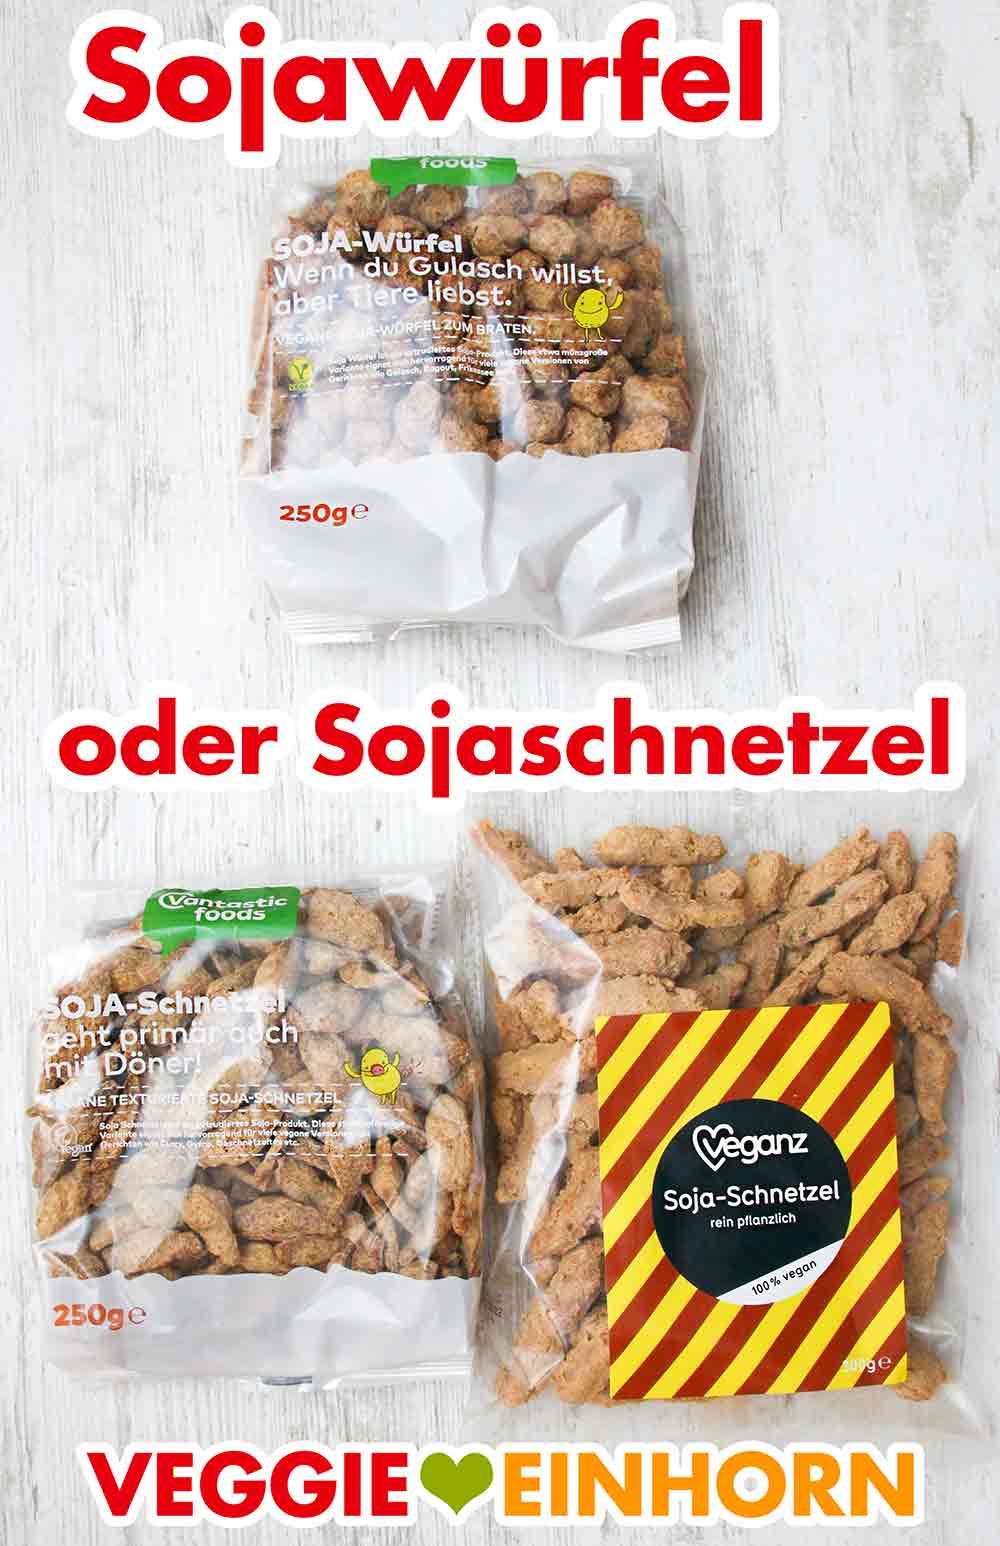 Eine Packung Sojawürfel und zwei Packungen grobe Sojaschnetzel